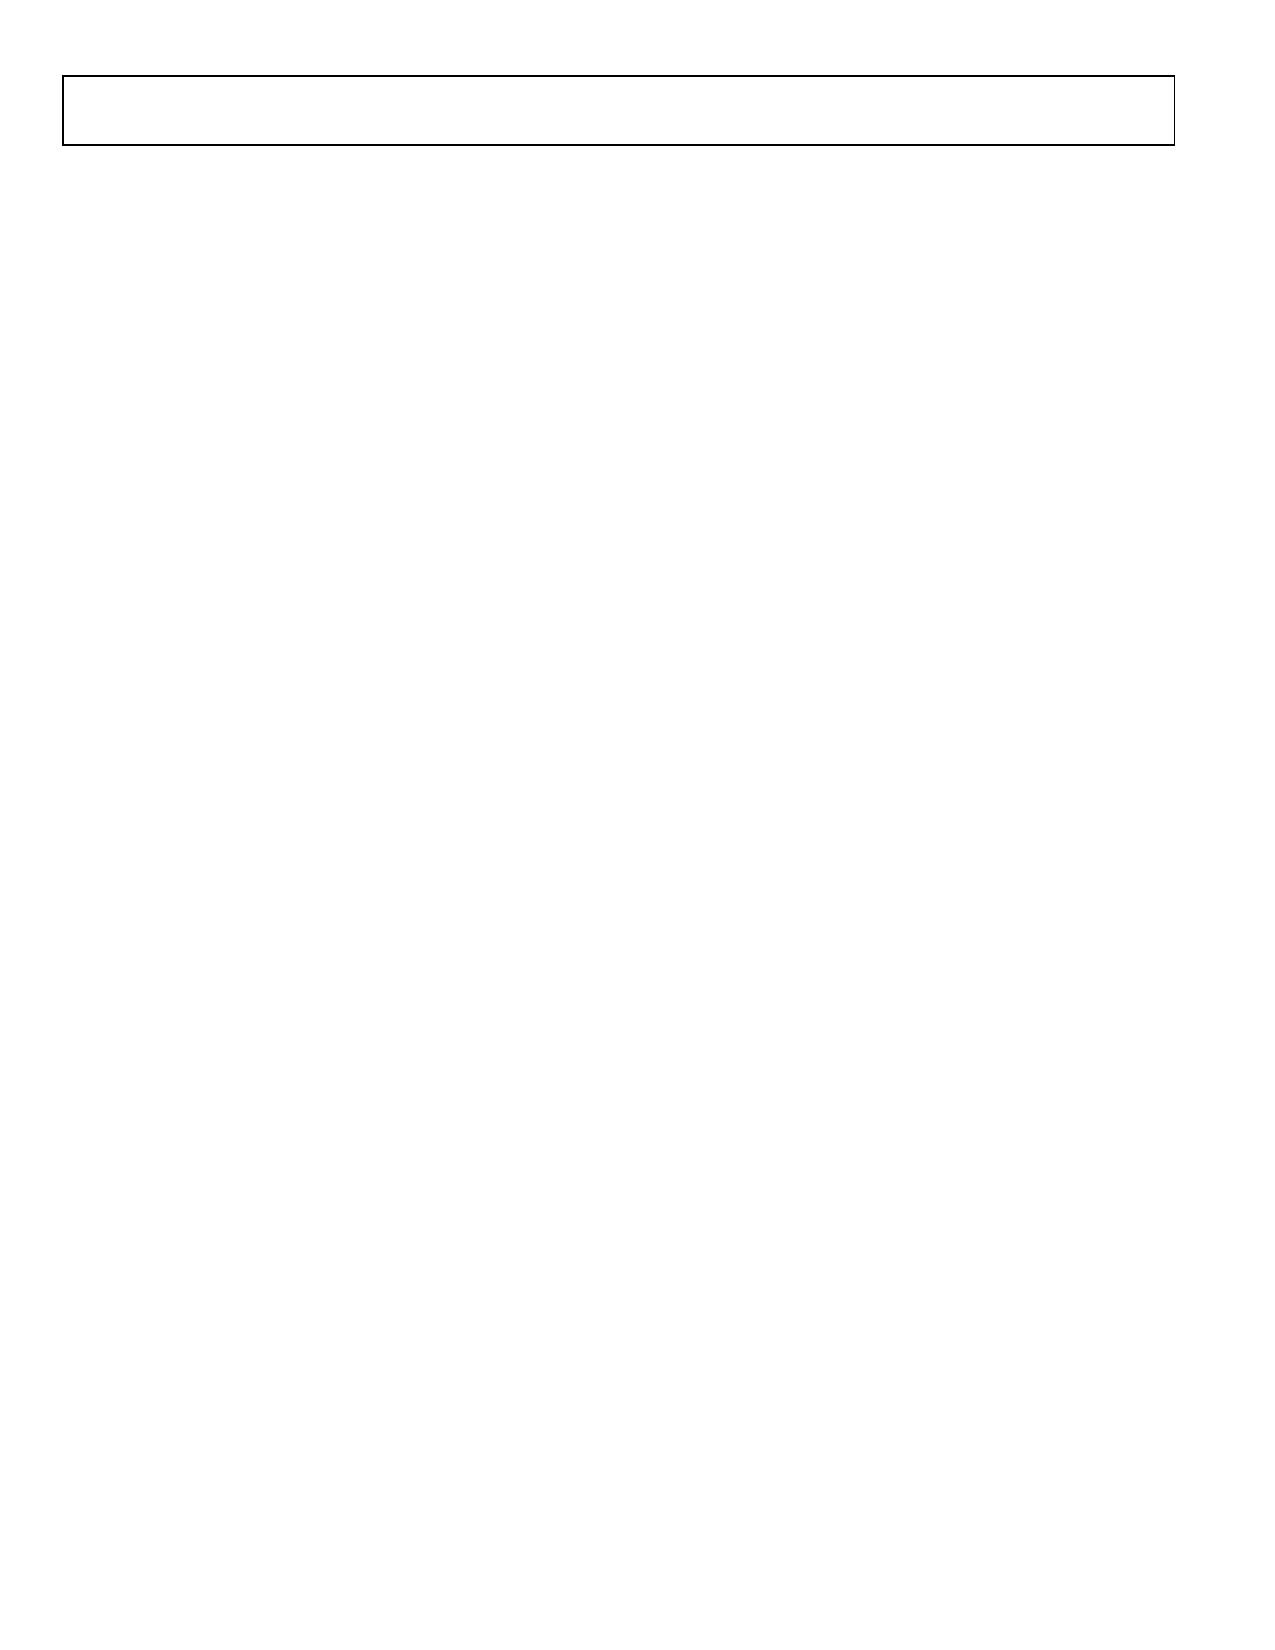 AD5170 Даташит, Описание, Даташиты